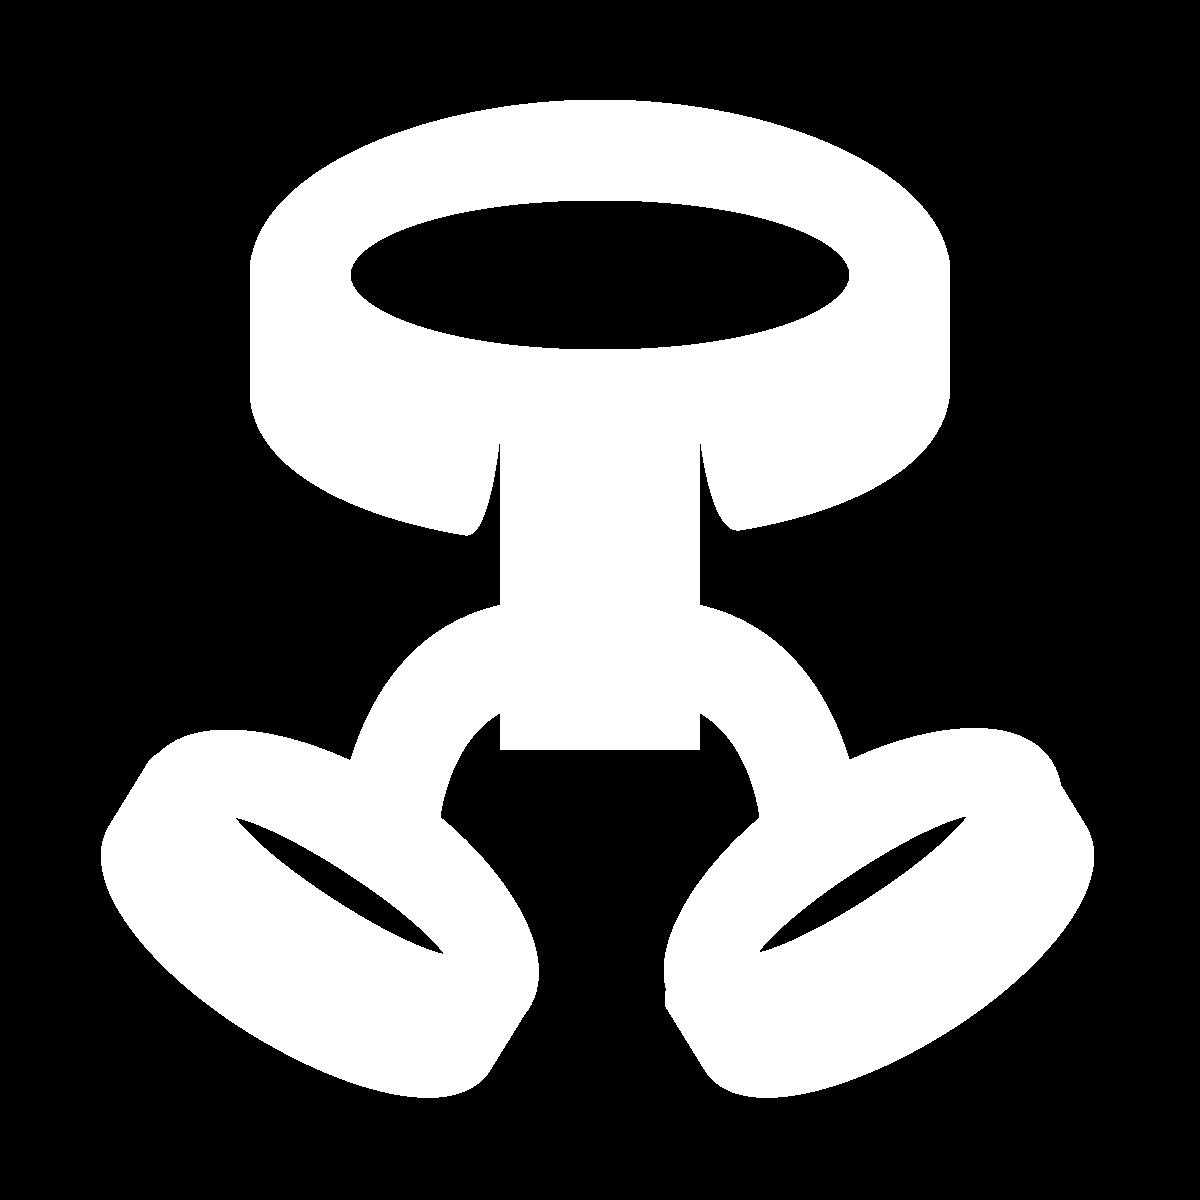 icone catégorie